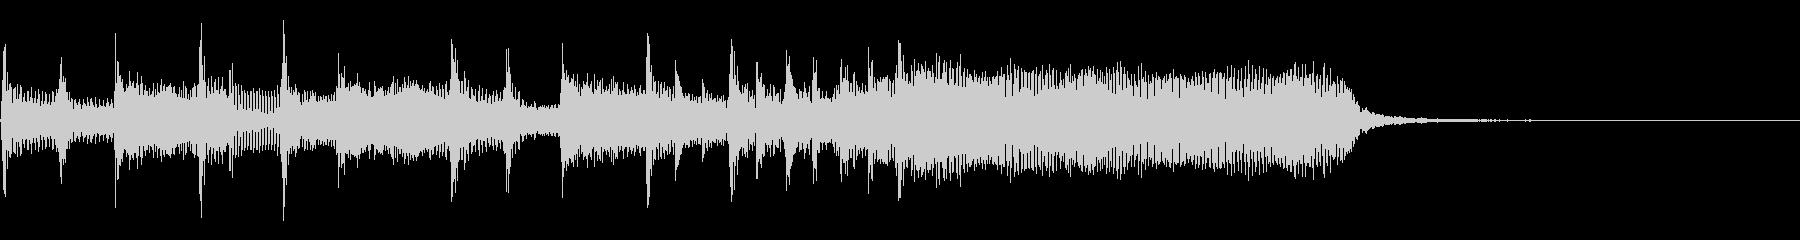 インパクトあるロックなジングル09の未再生の波形